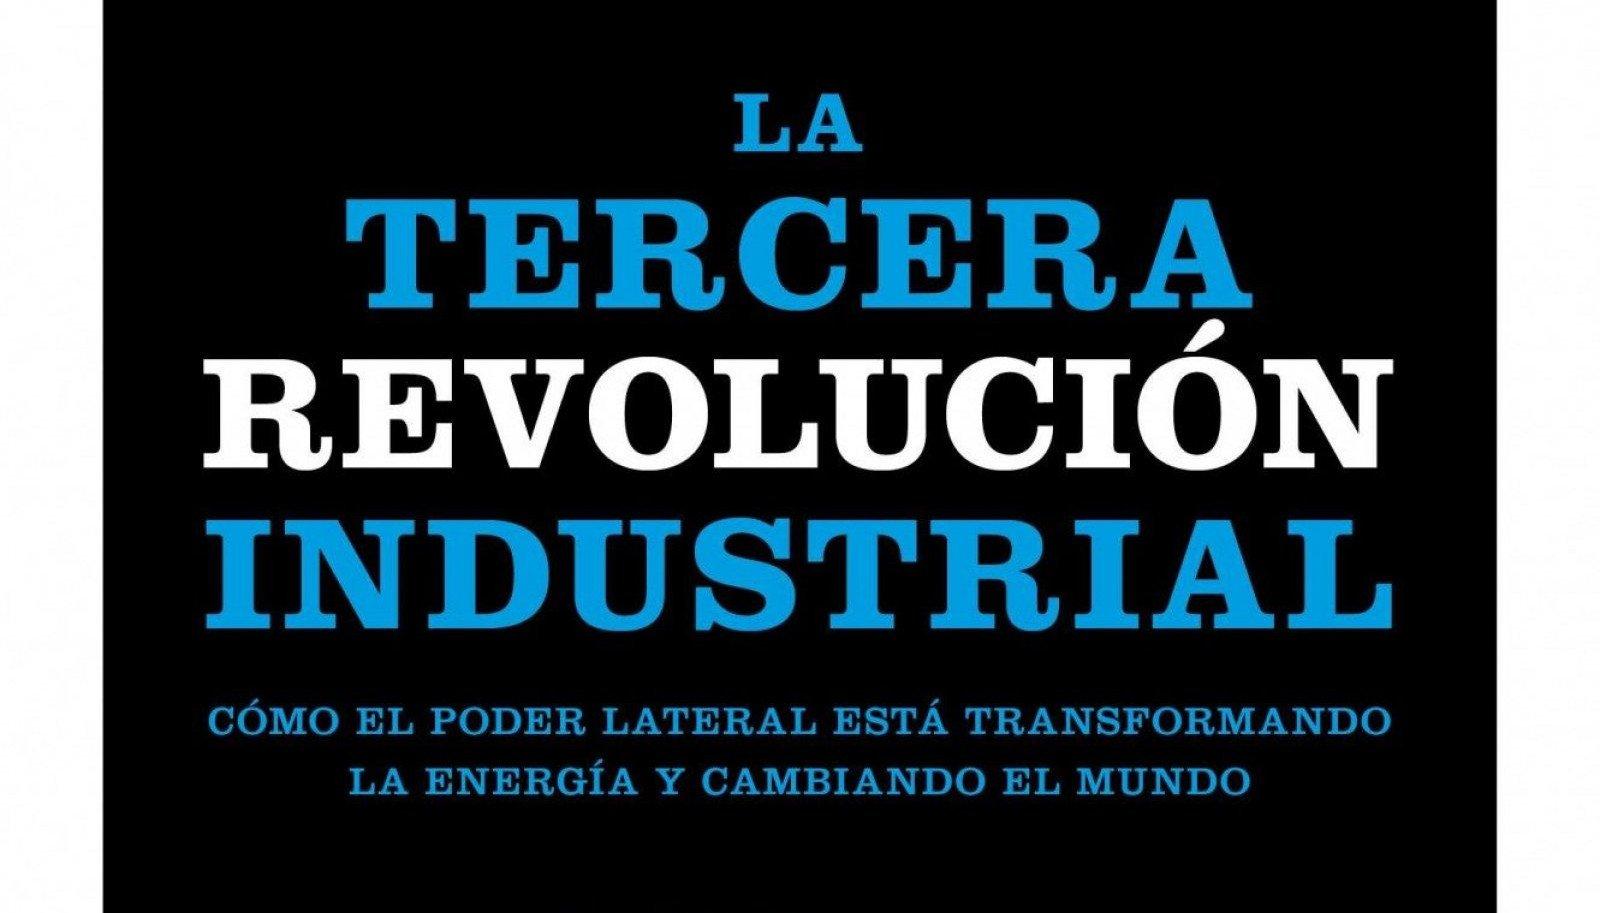 La tercera revolució industrial de Jeremy Rifkin